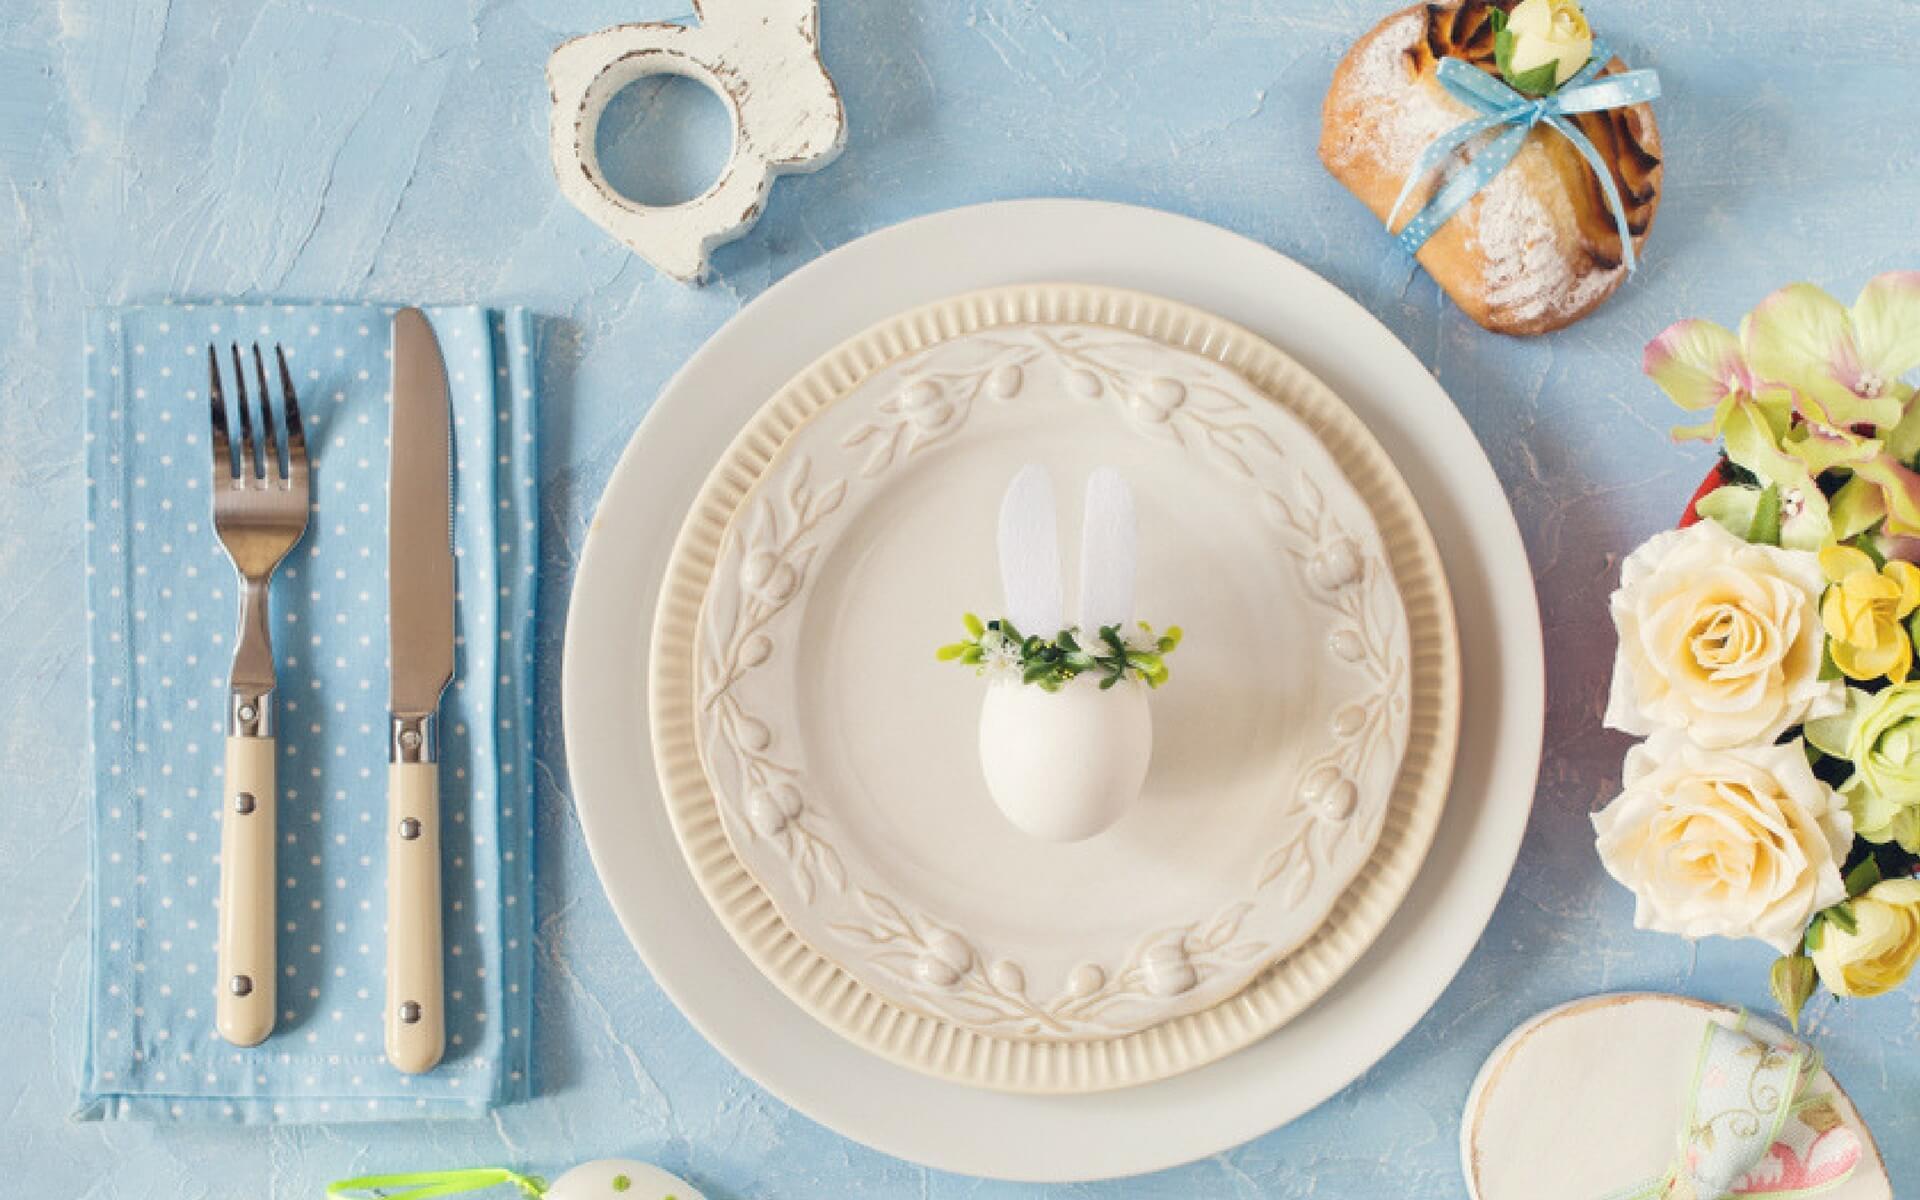 Suggerimenti per decorare la tavola con addobbi pasquali alla moda e con i colori dell'anno